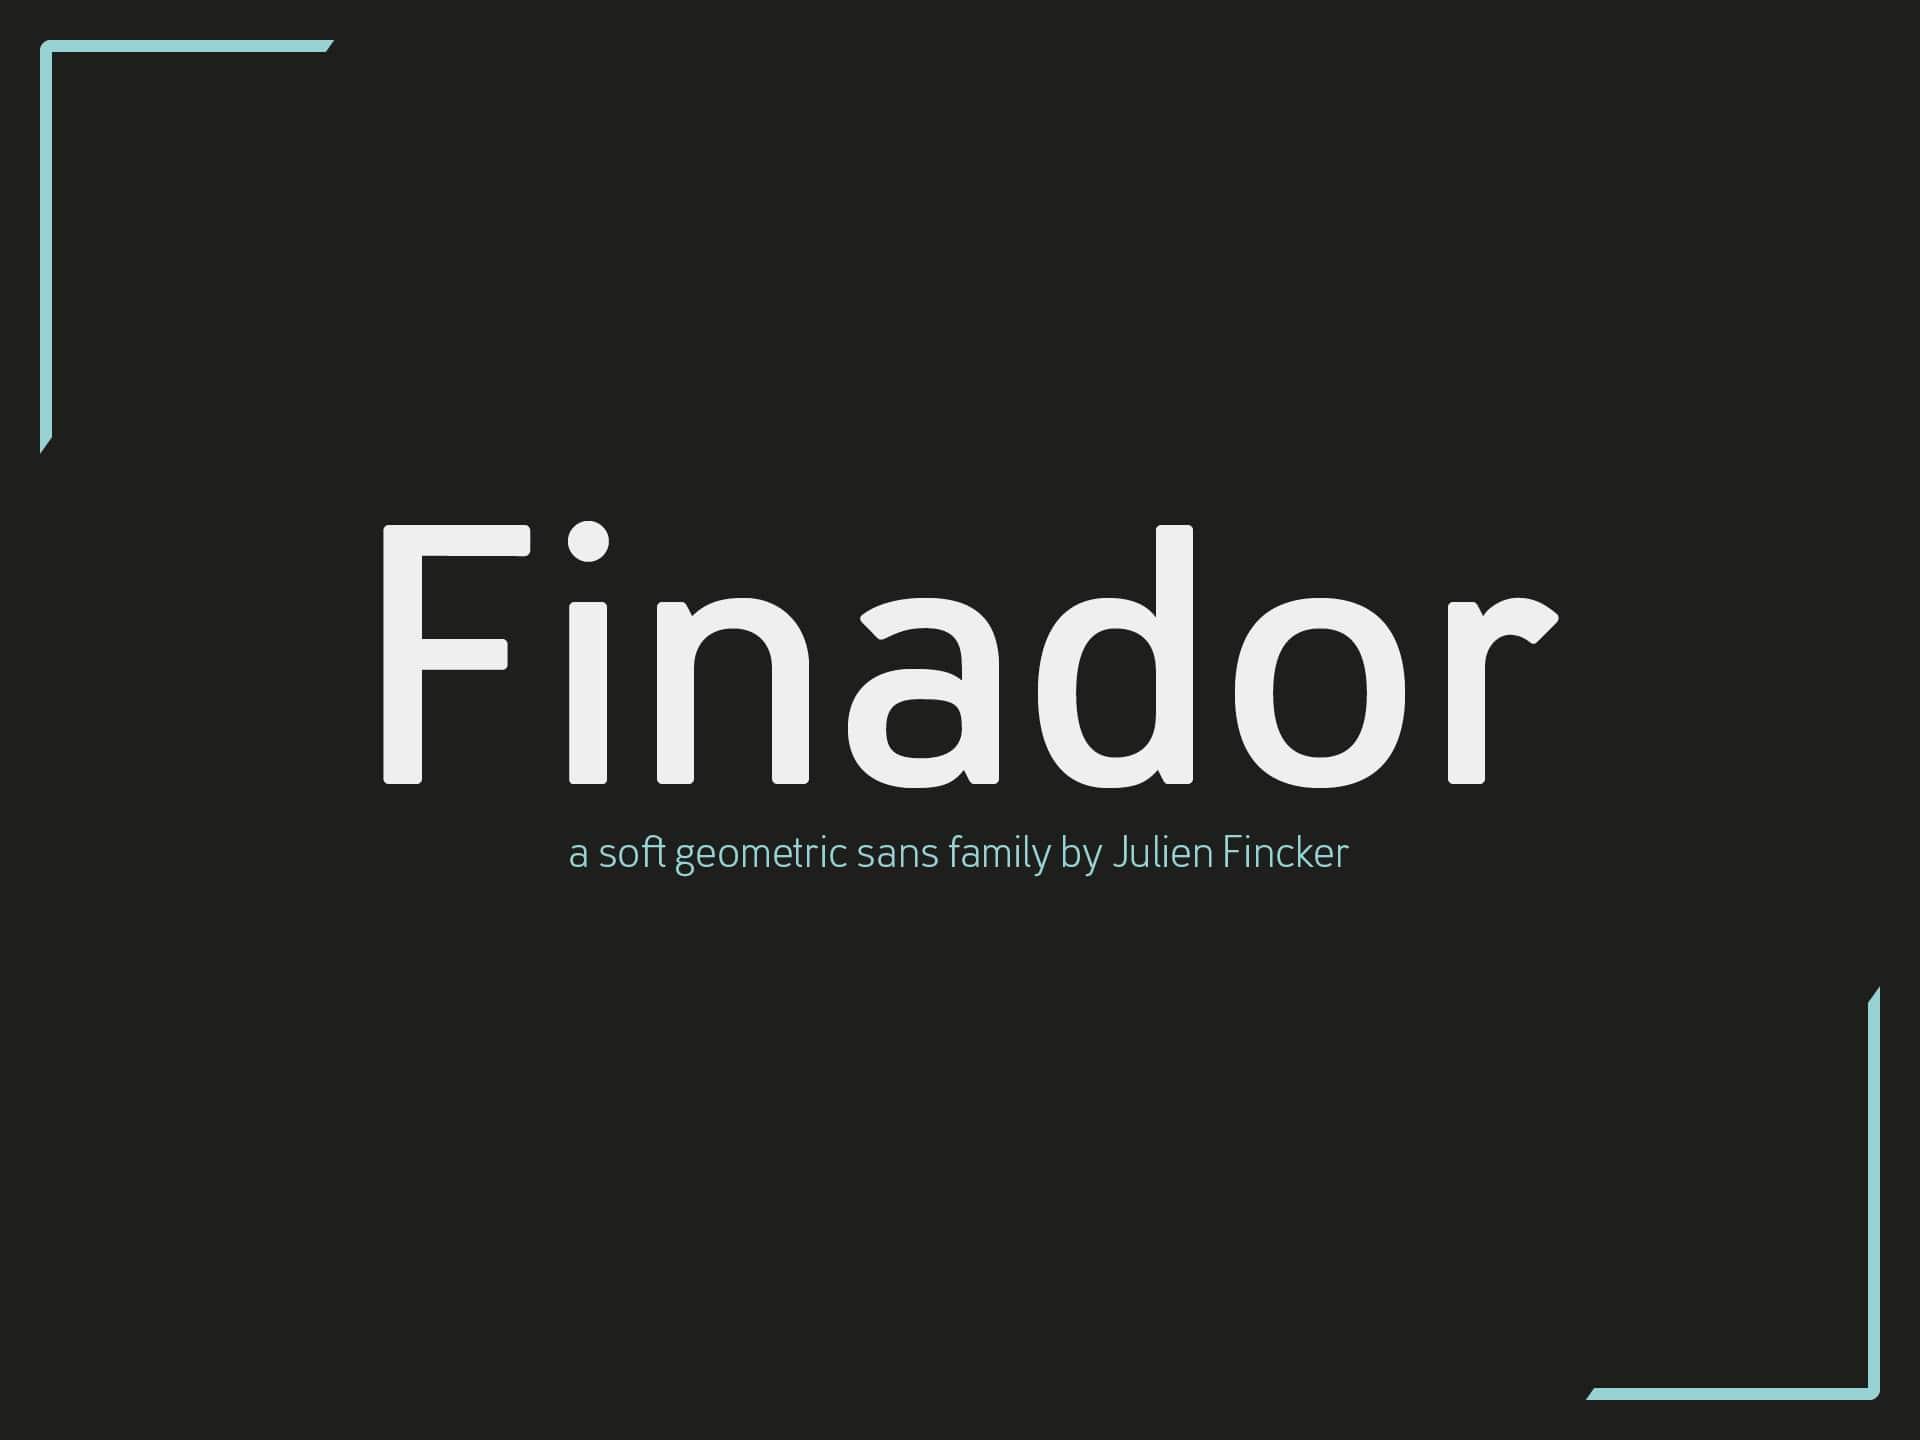 Finador_1.jpg